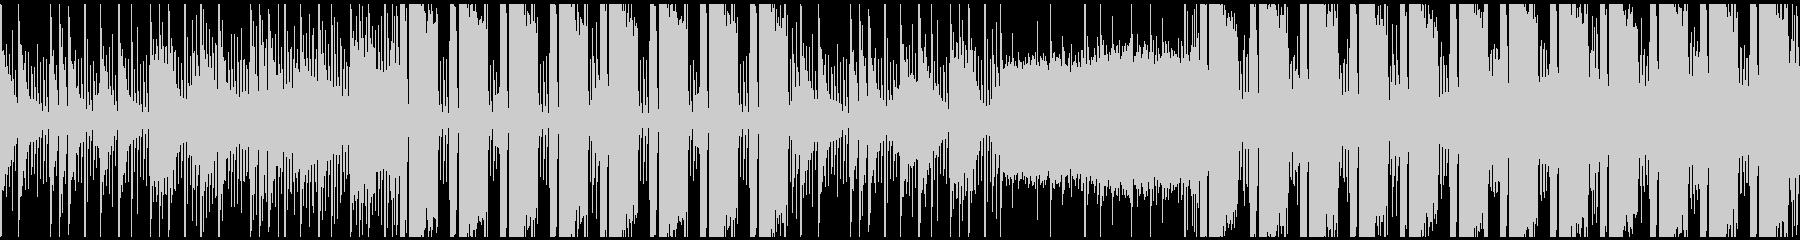 シンセメインの無機質でクールな曲 ループの未再生の波形